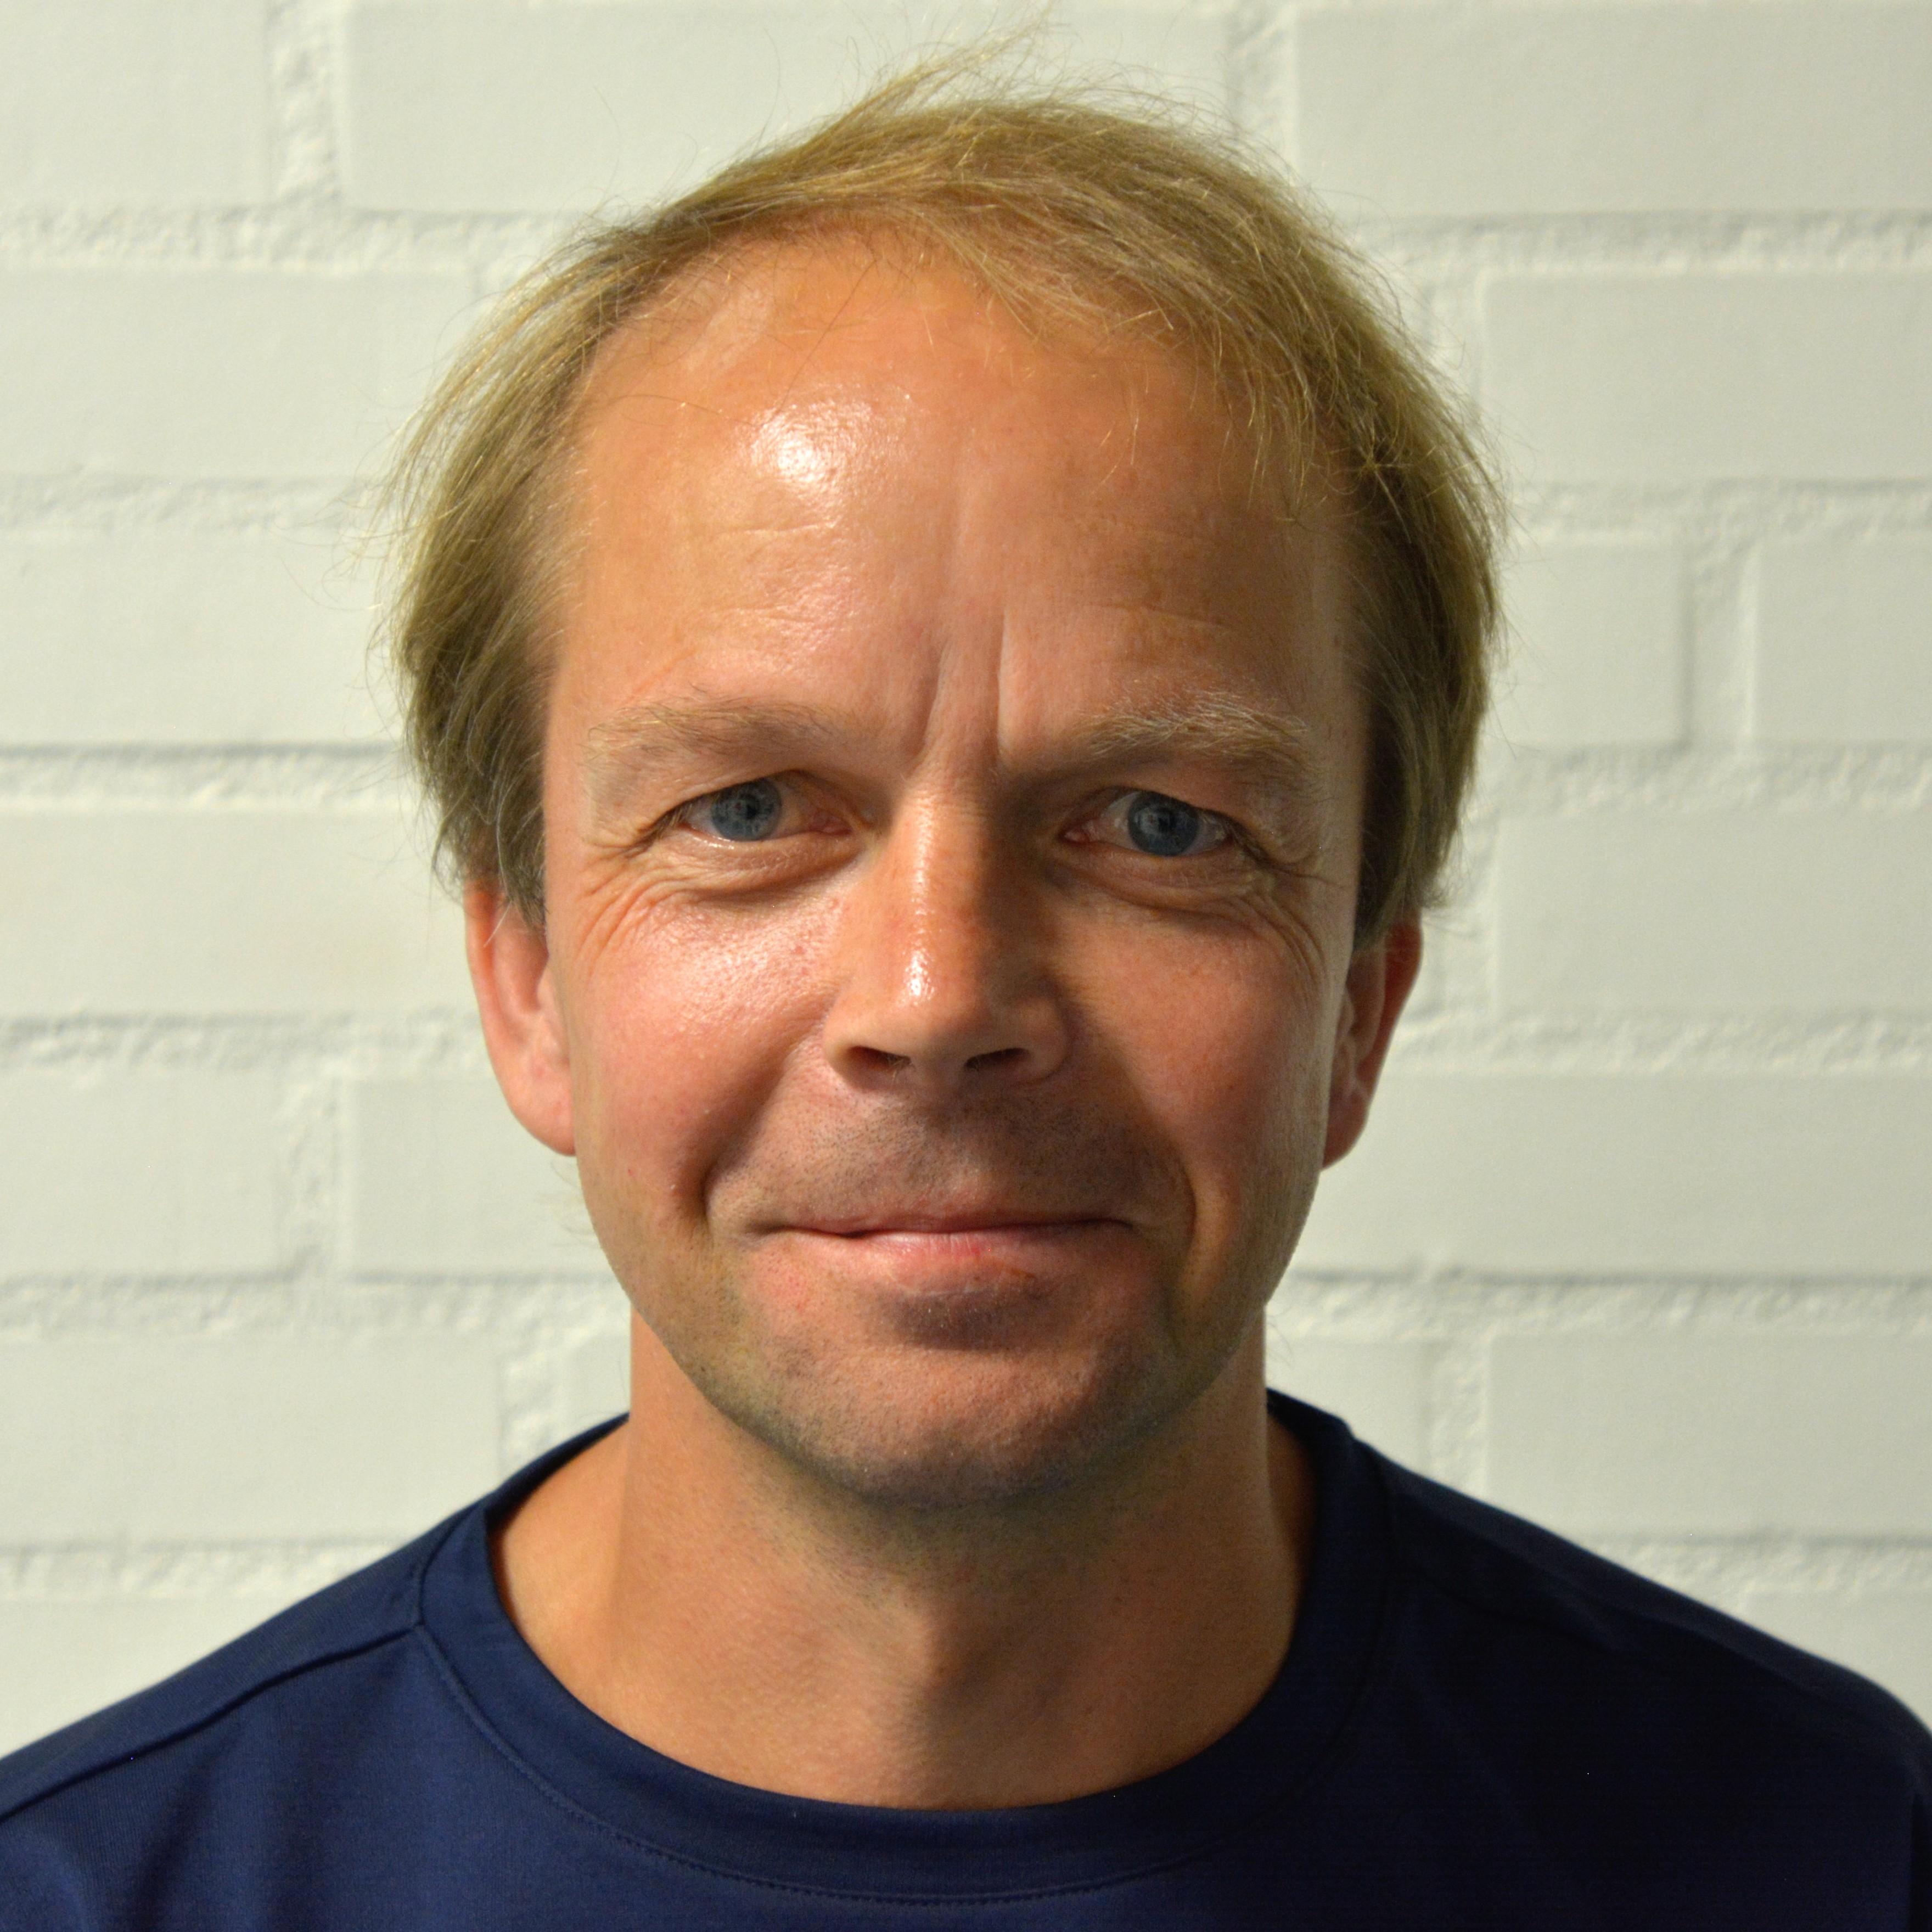 Niels Kristian Sørensen